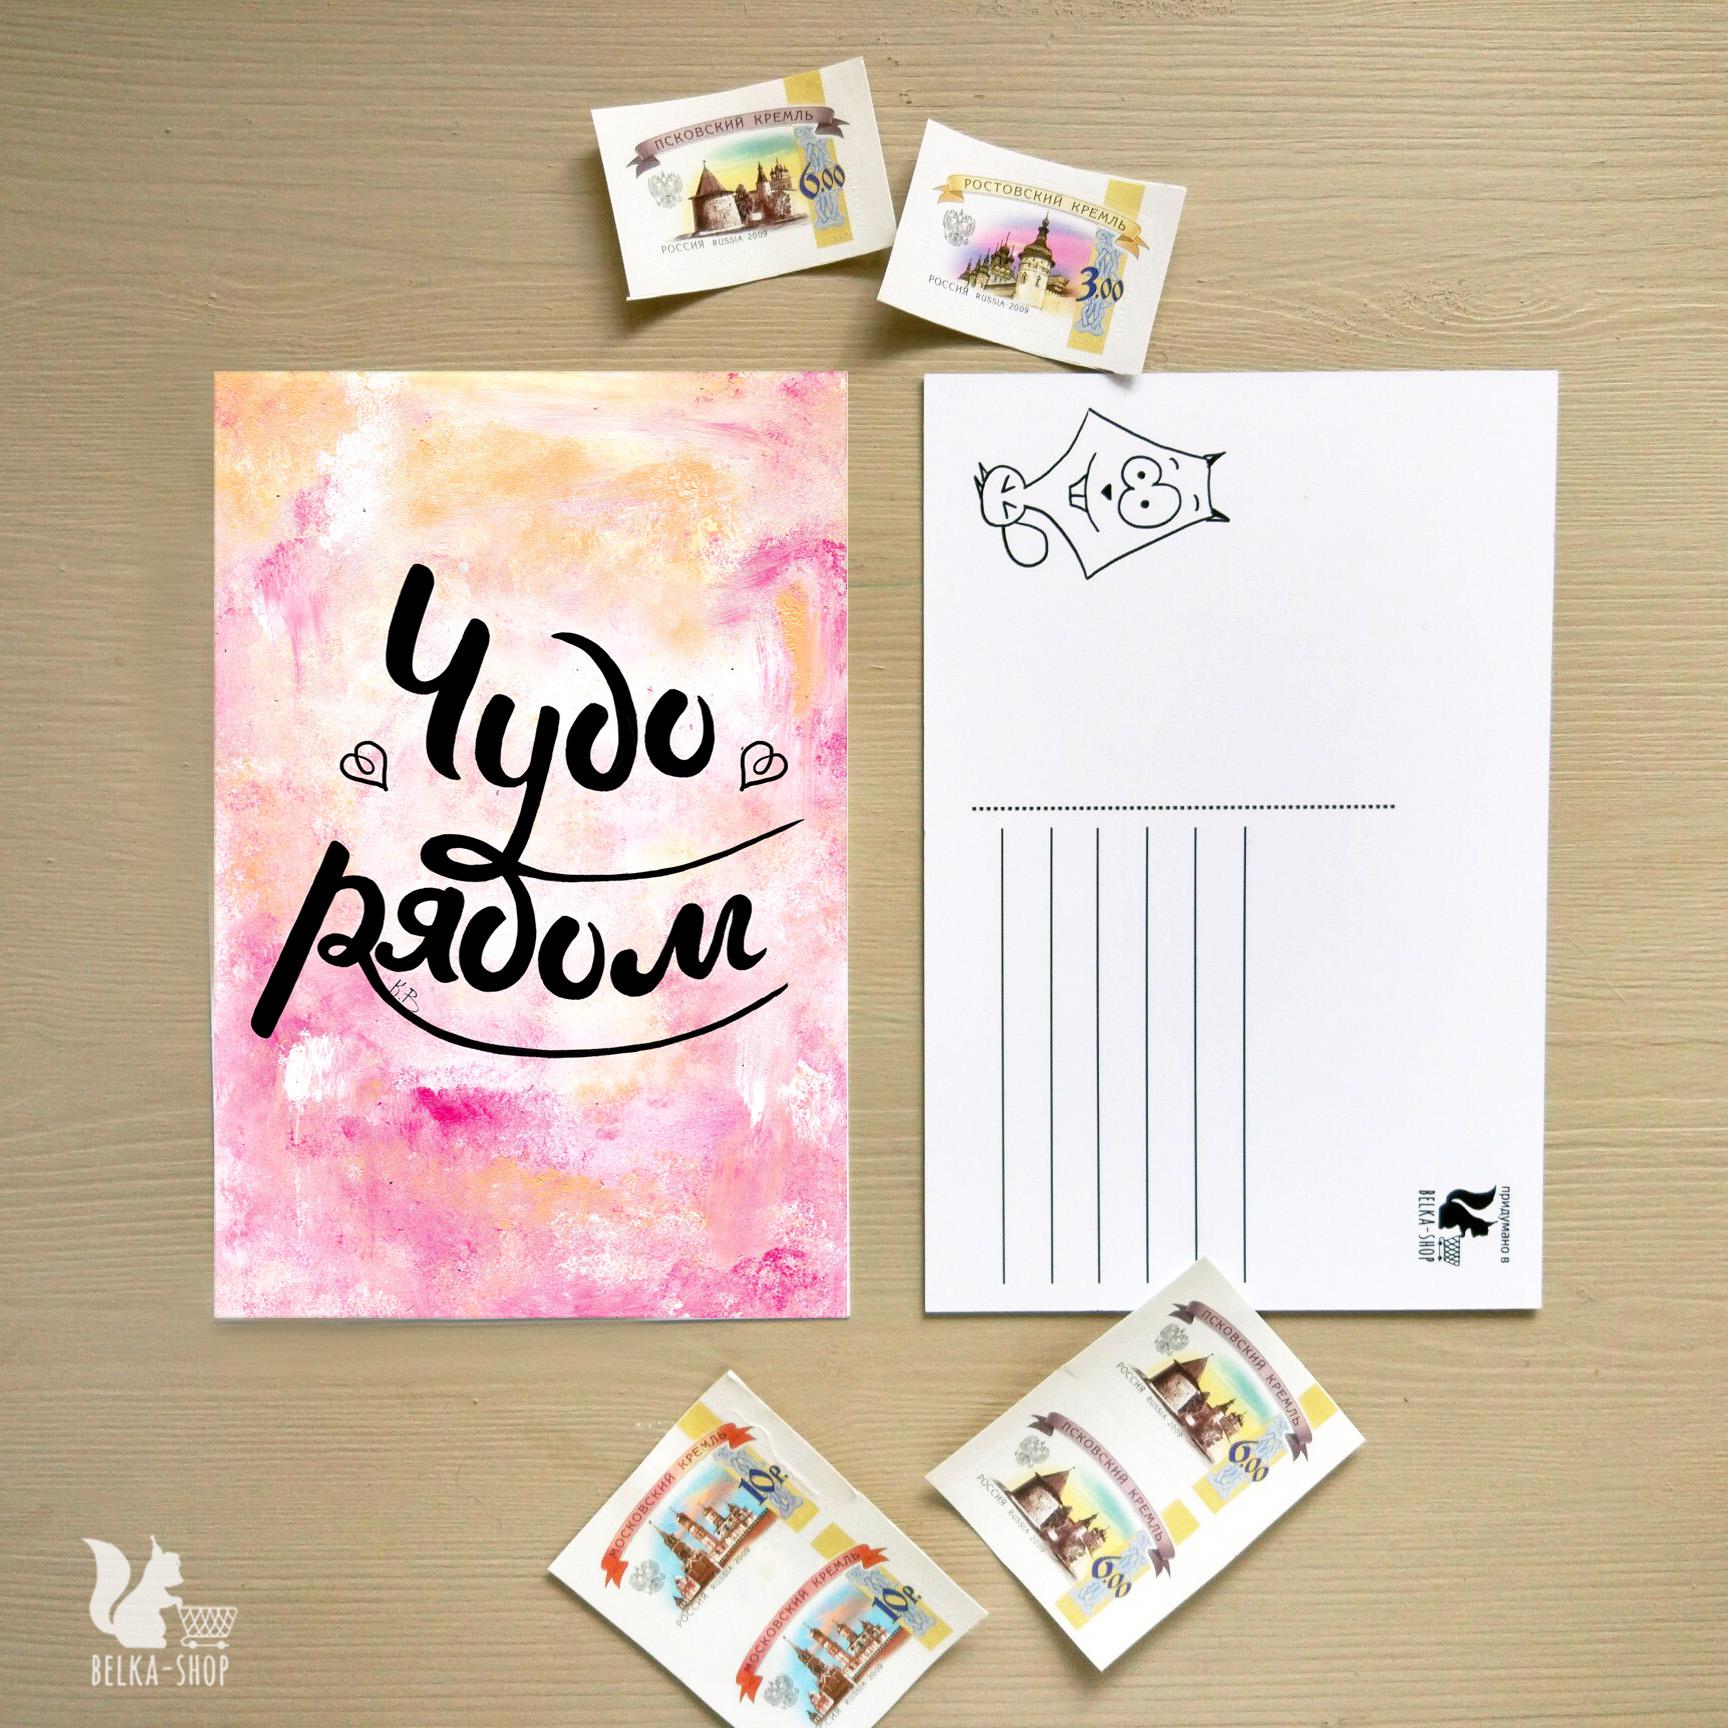 Картинки яндекс, авторские открытки посткроссинг